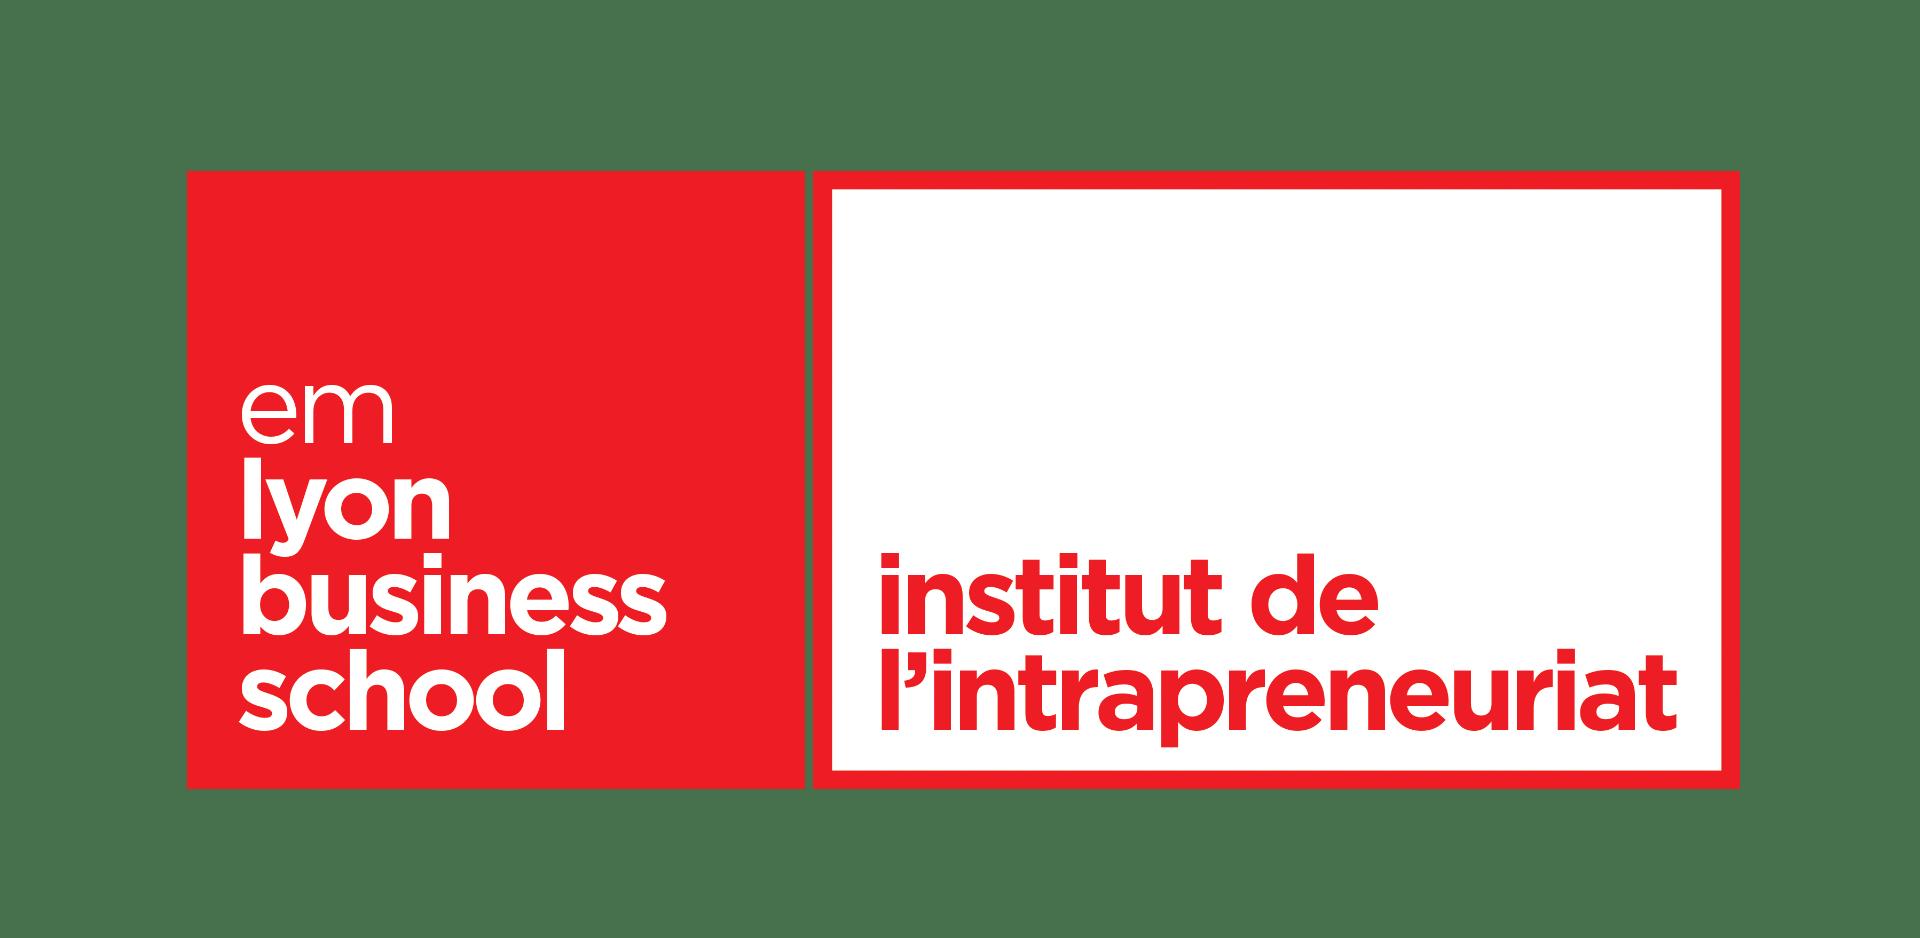 emlyon_inst-intrapreneuriat